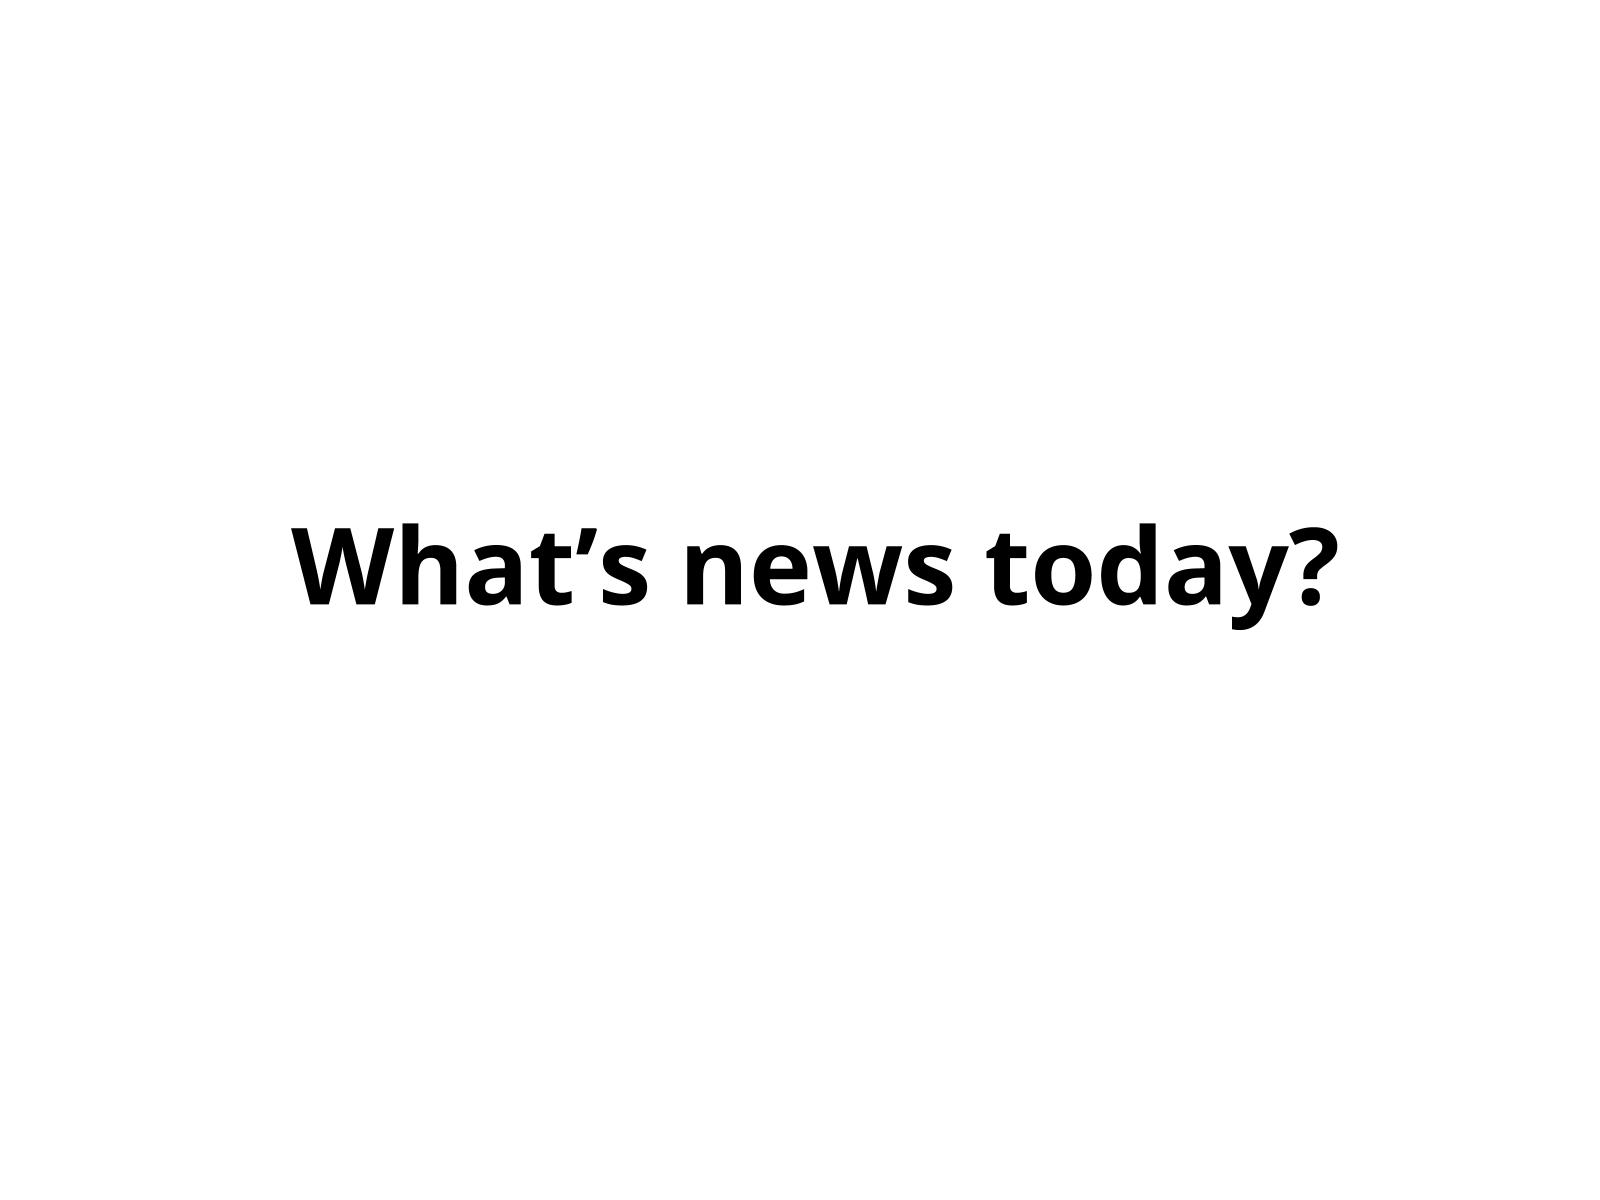 Notícias usando linguagem formal e informal